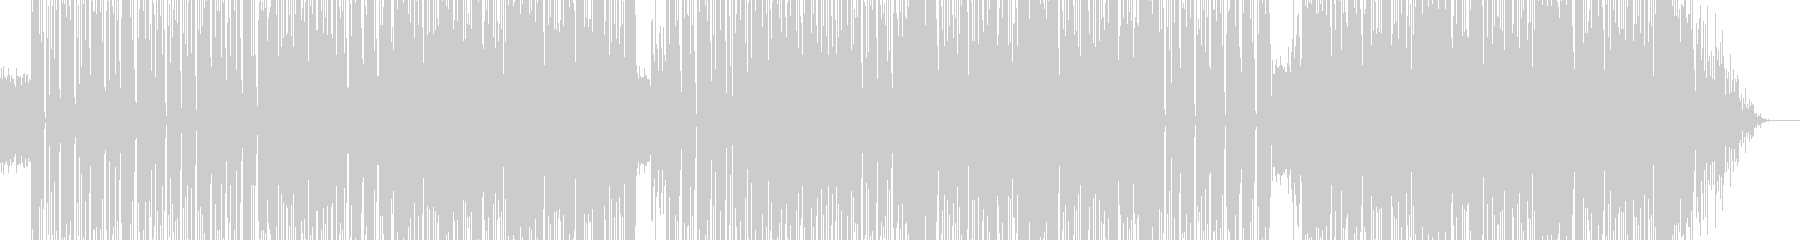 非明示的な歌詞のヒップホップグルー...の未再生の波形